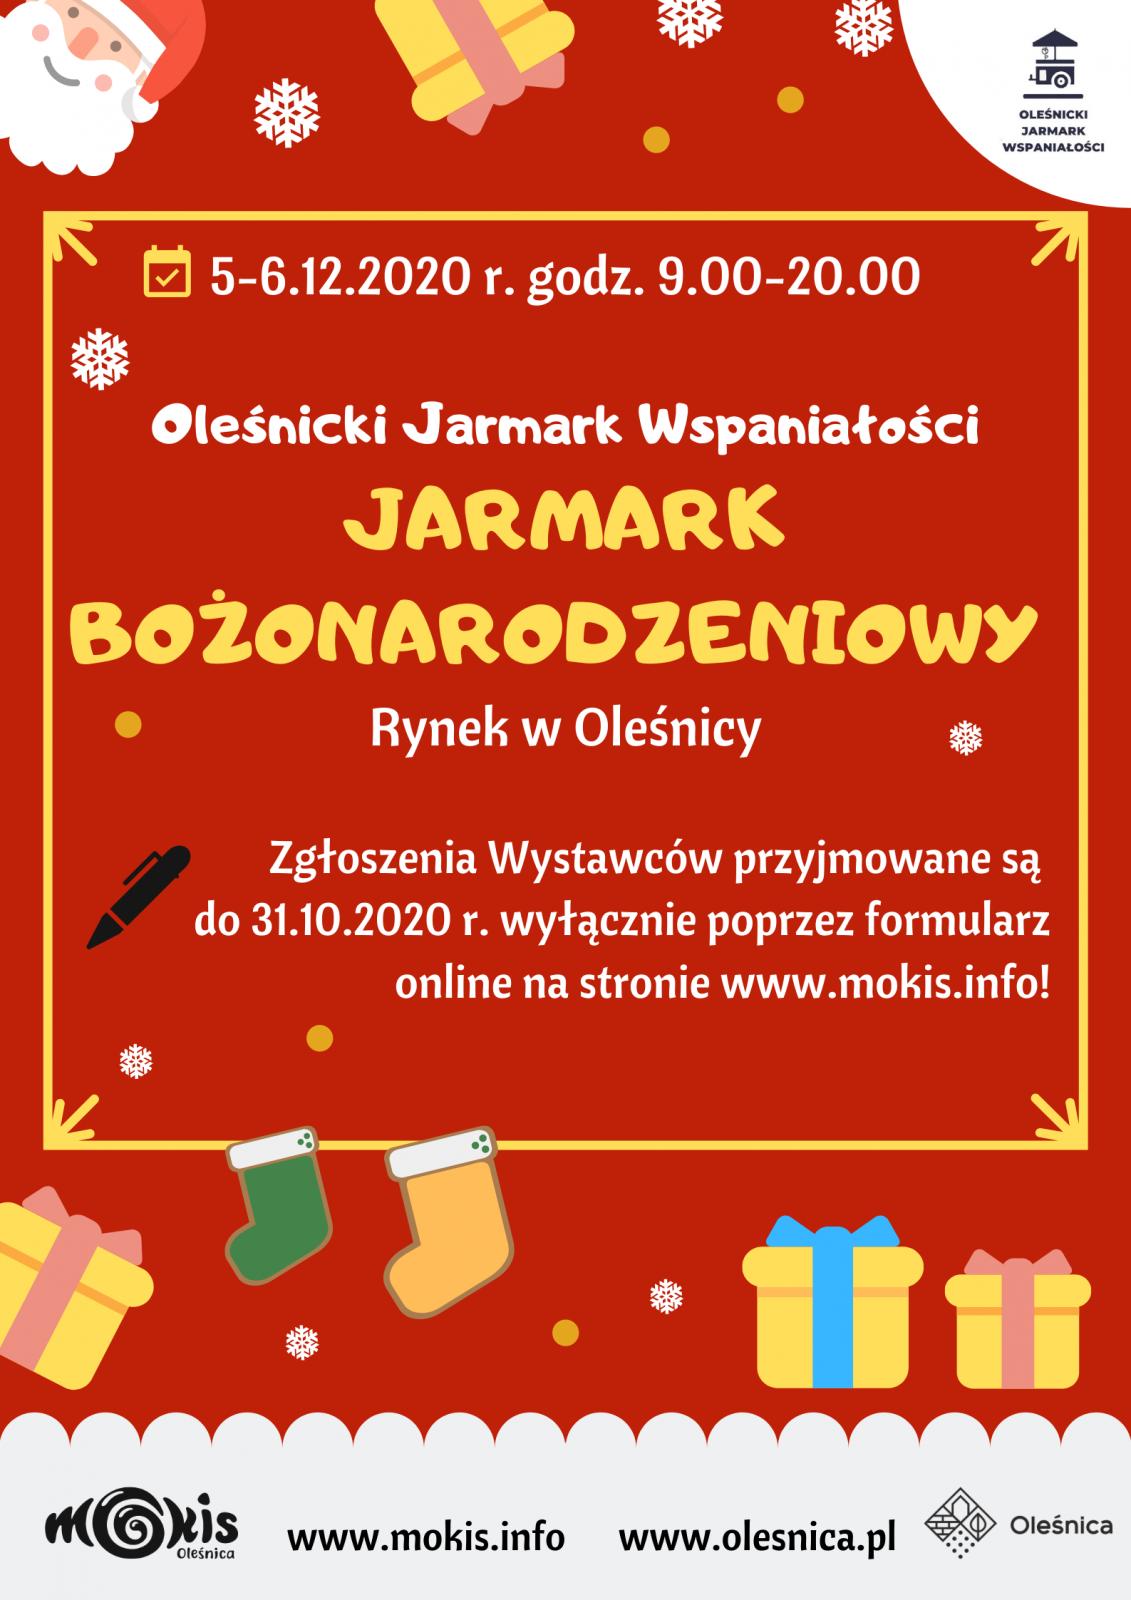 plakat informacyjny Jarmark